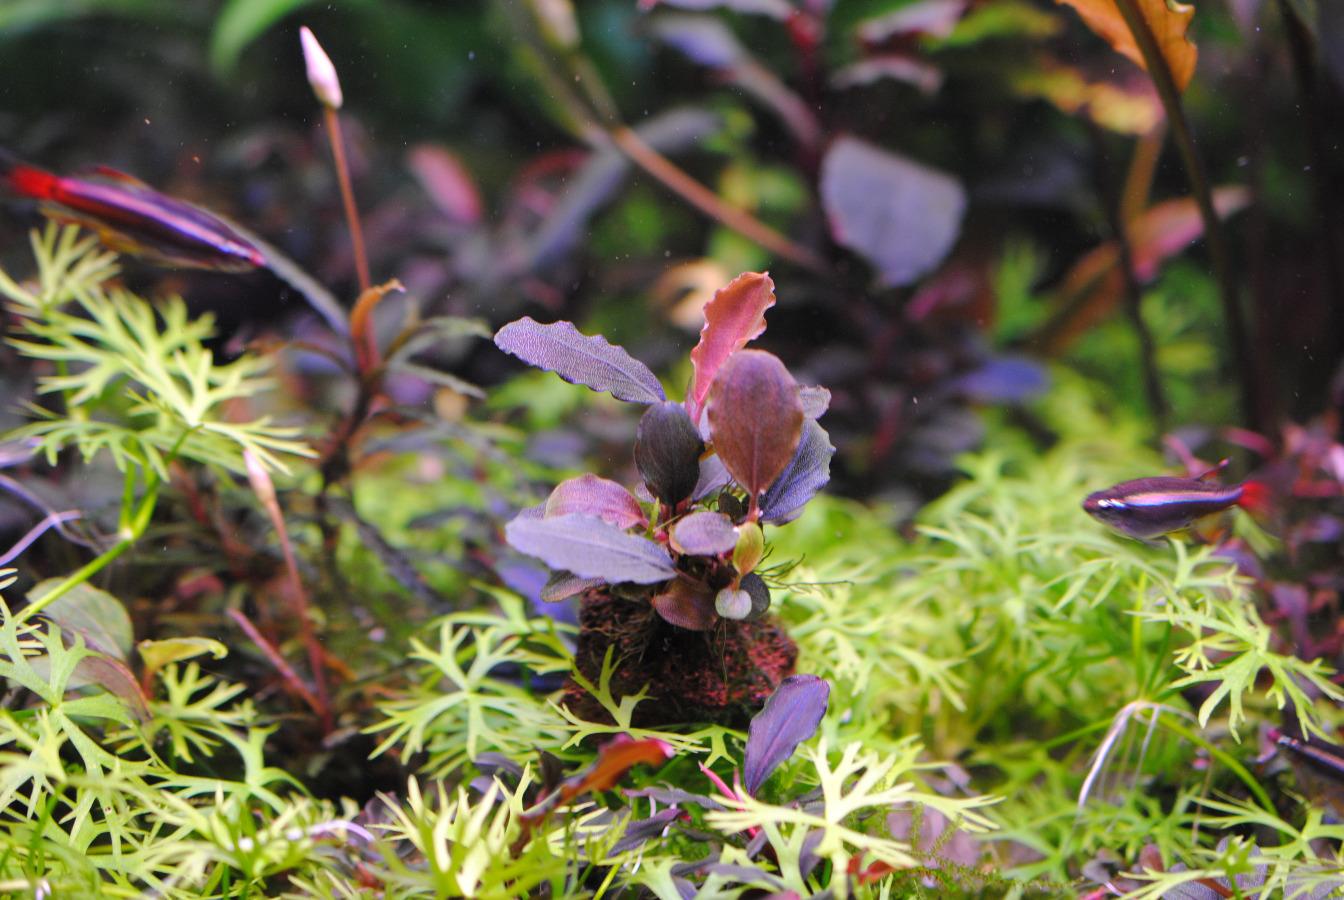 Картинки по запросу Bucephalandra sp. Brownie Pixy